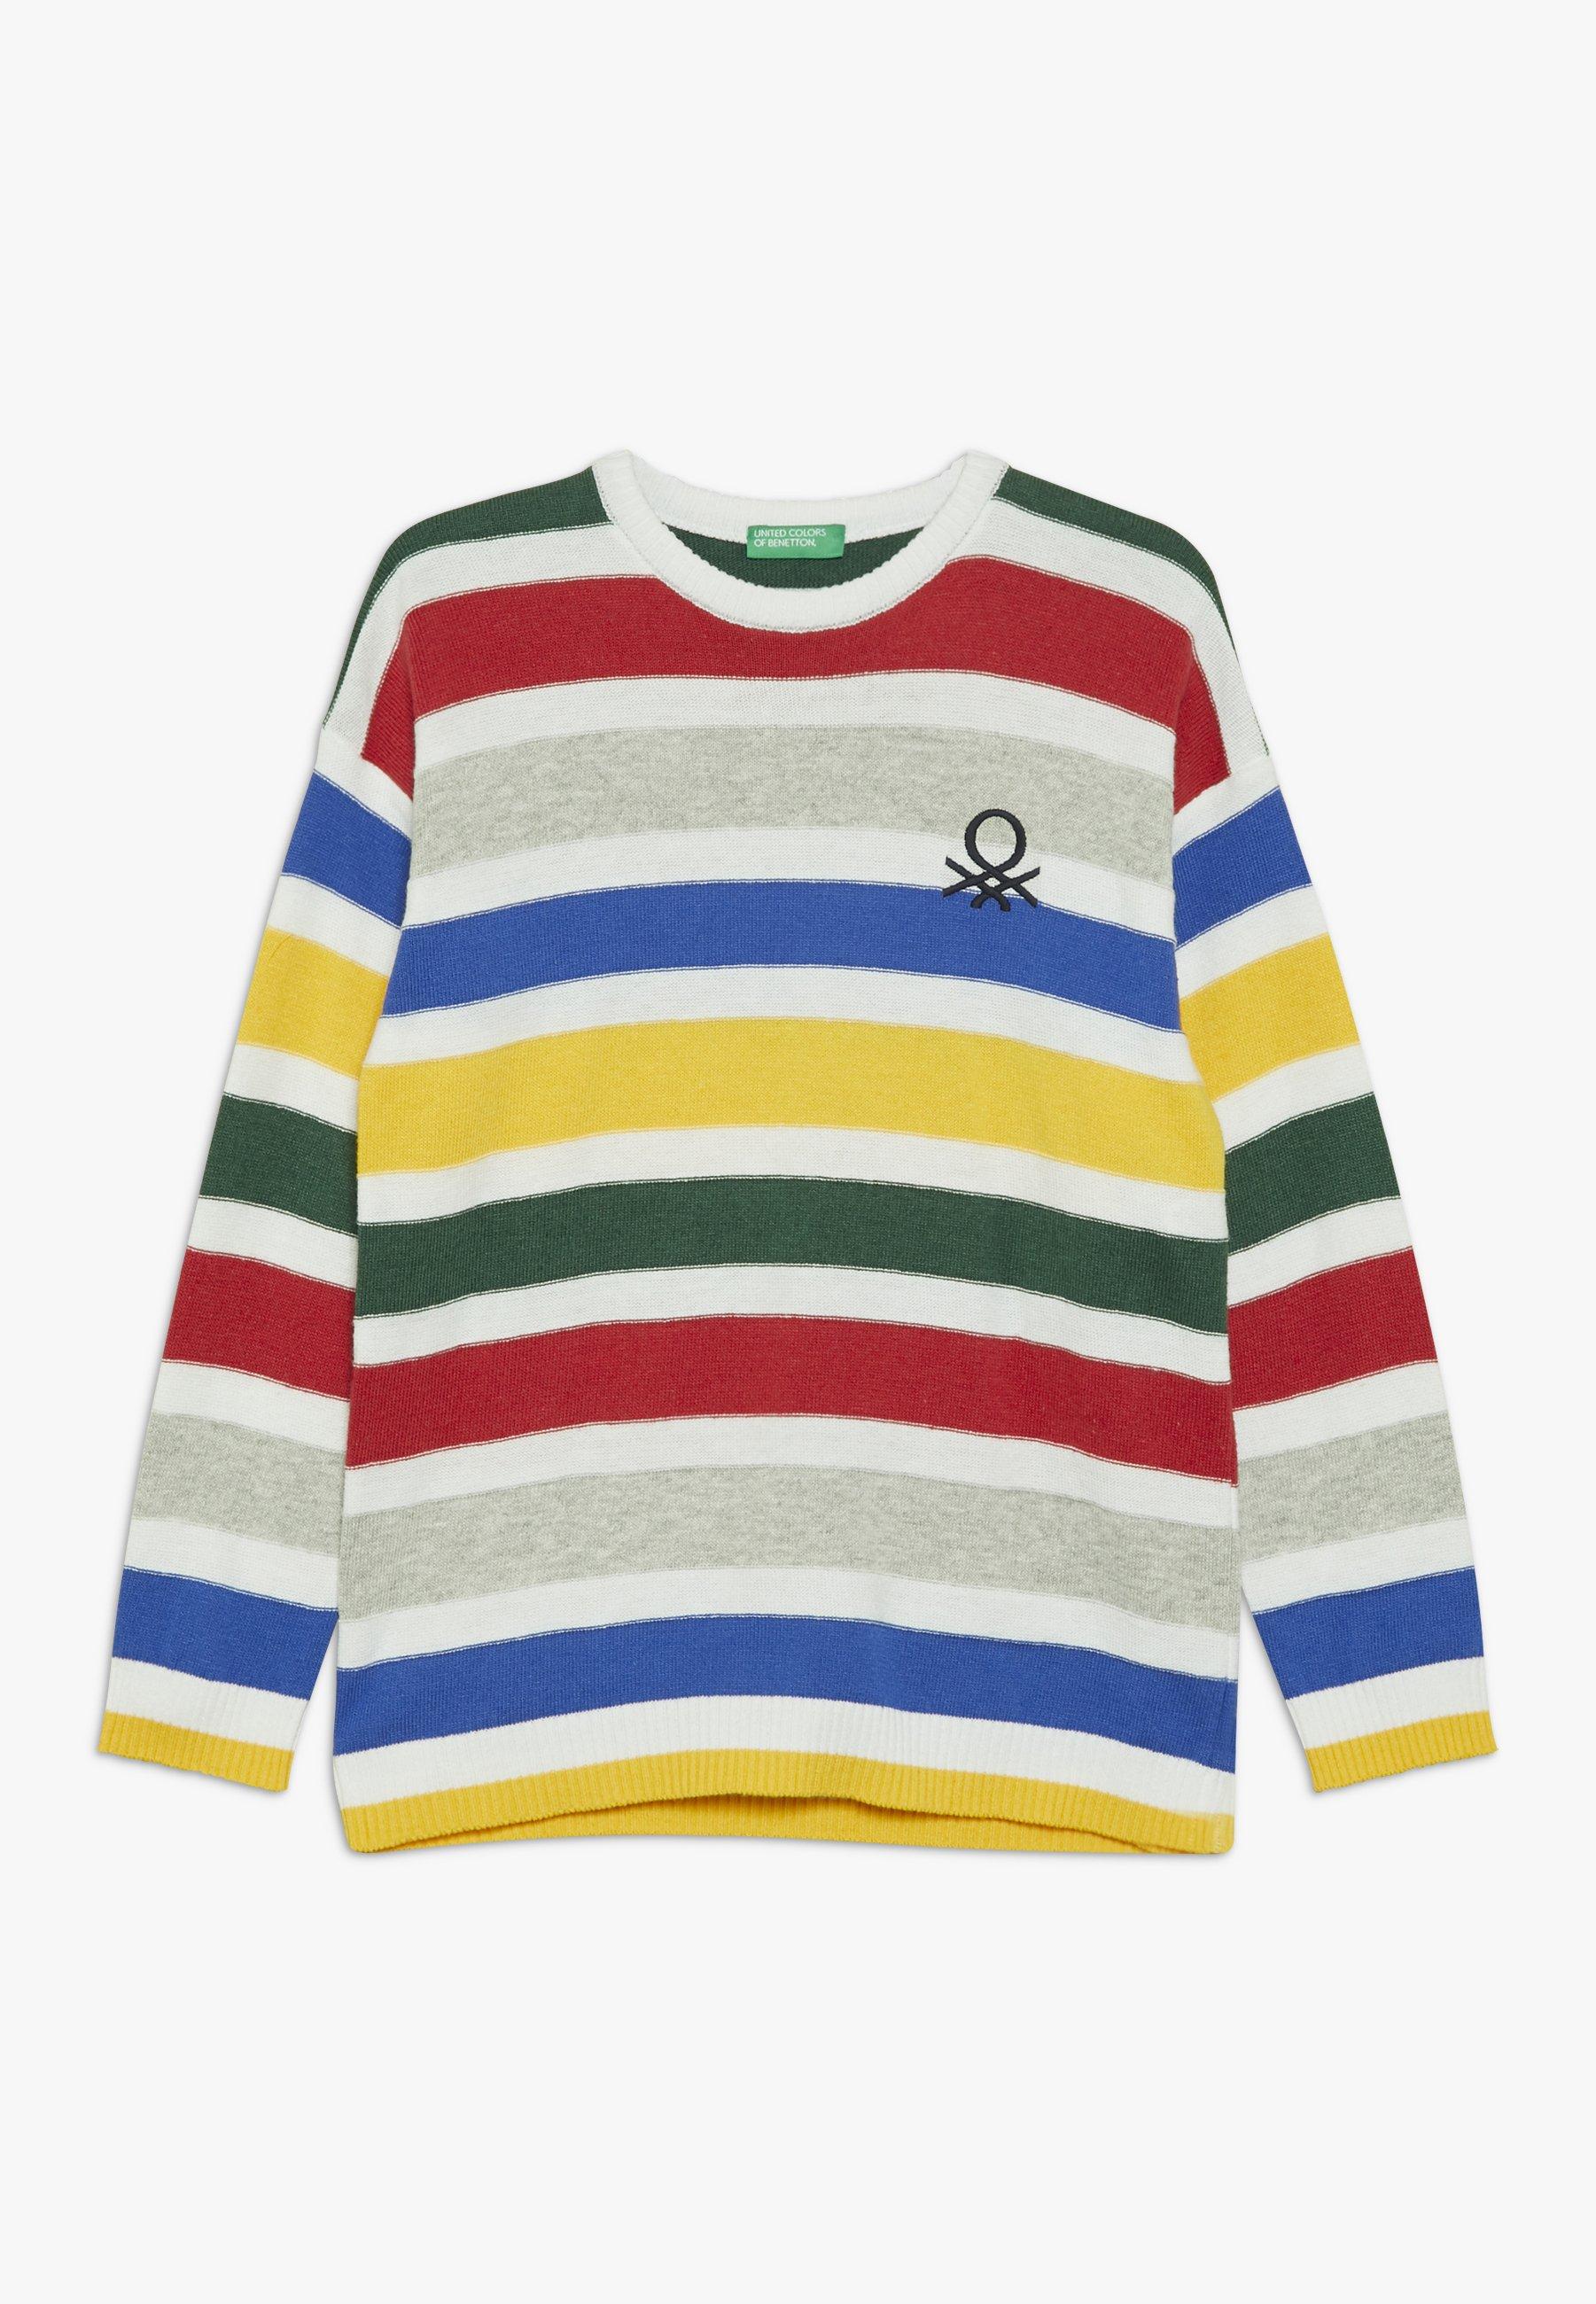 Große Förderung Benetton Strickpullover - multi-coloured | Damenbekleidung 2020